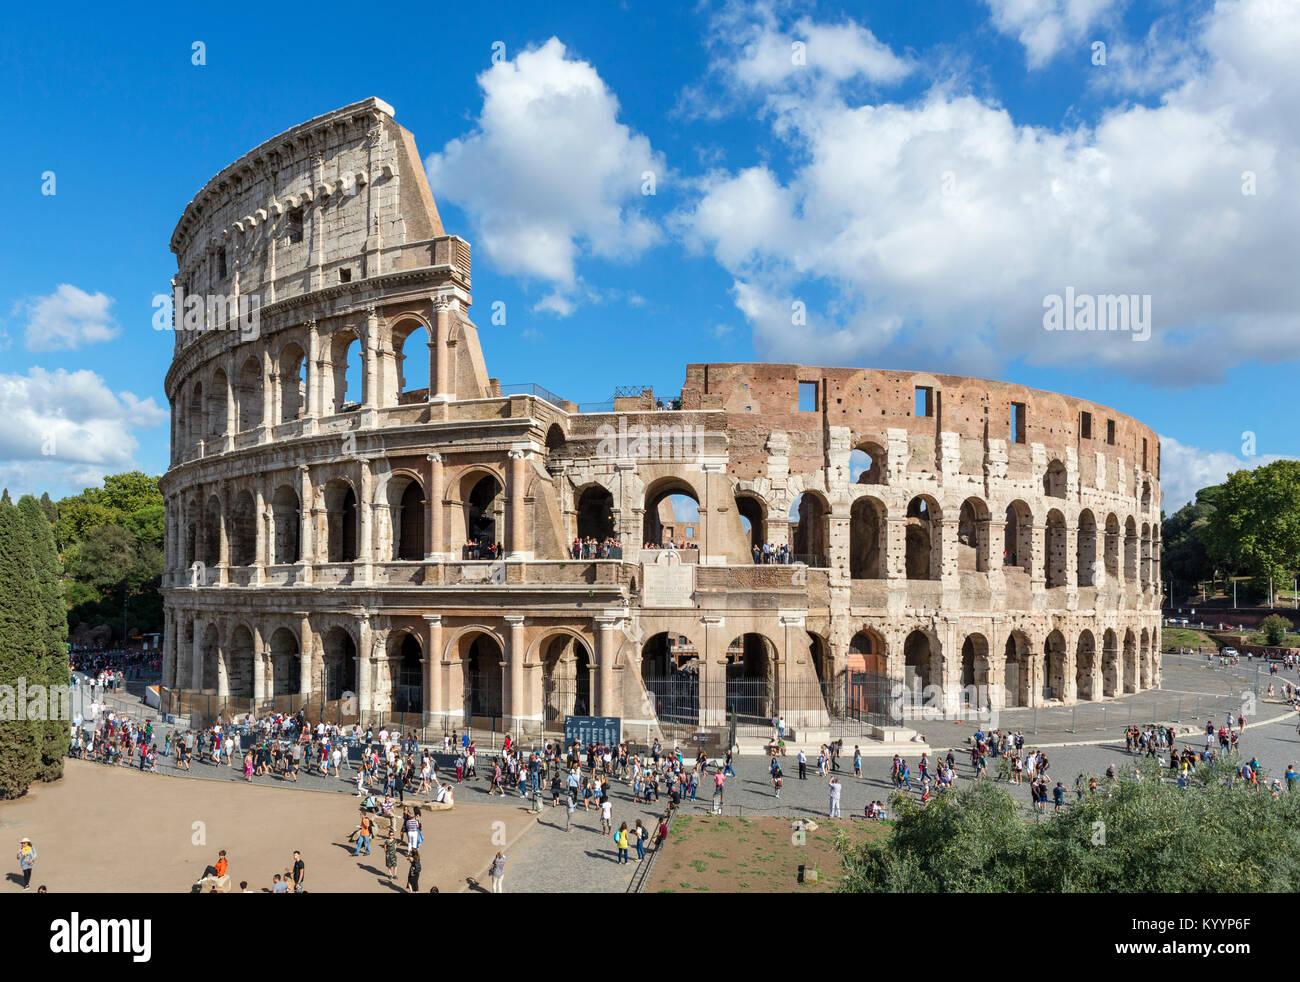 Il Colosseo romano, Roma, Italia Immagini Stock